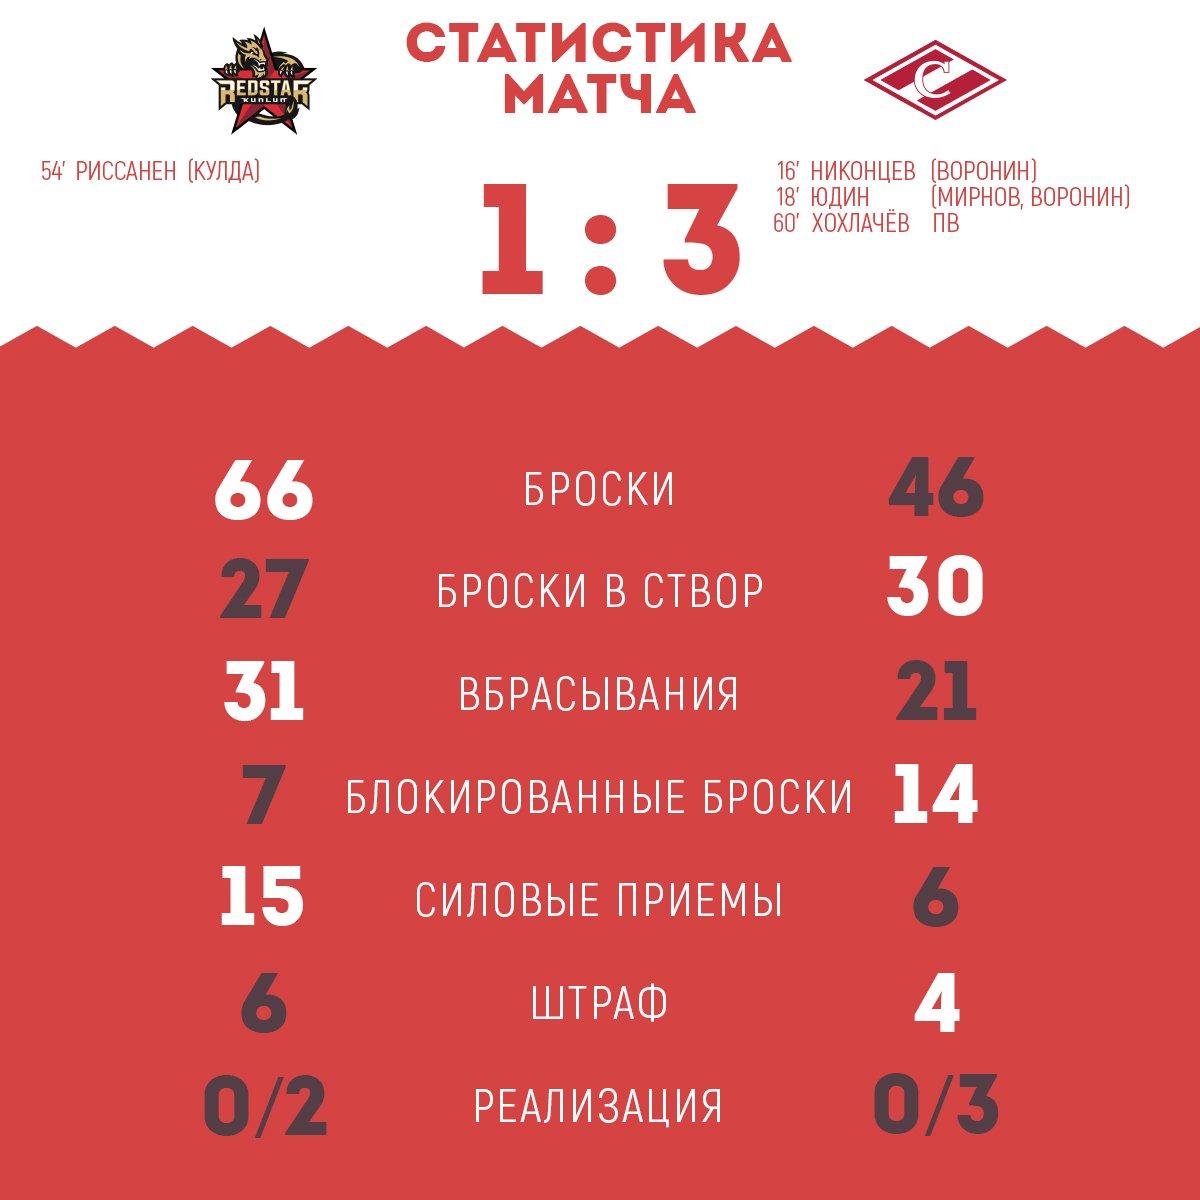 Статистика матча «Куньлунь Ред Стар» - «Спартак» 1:3